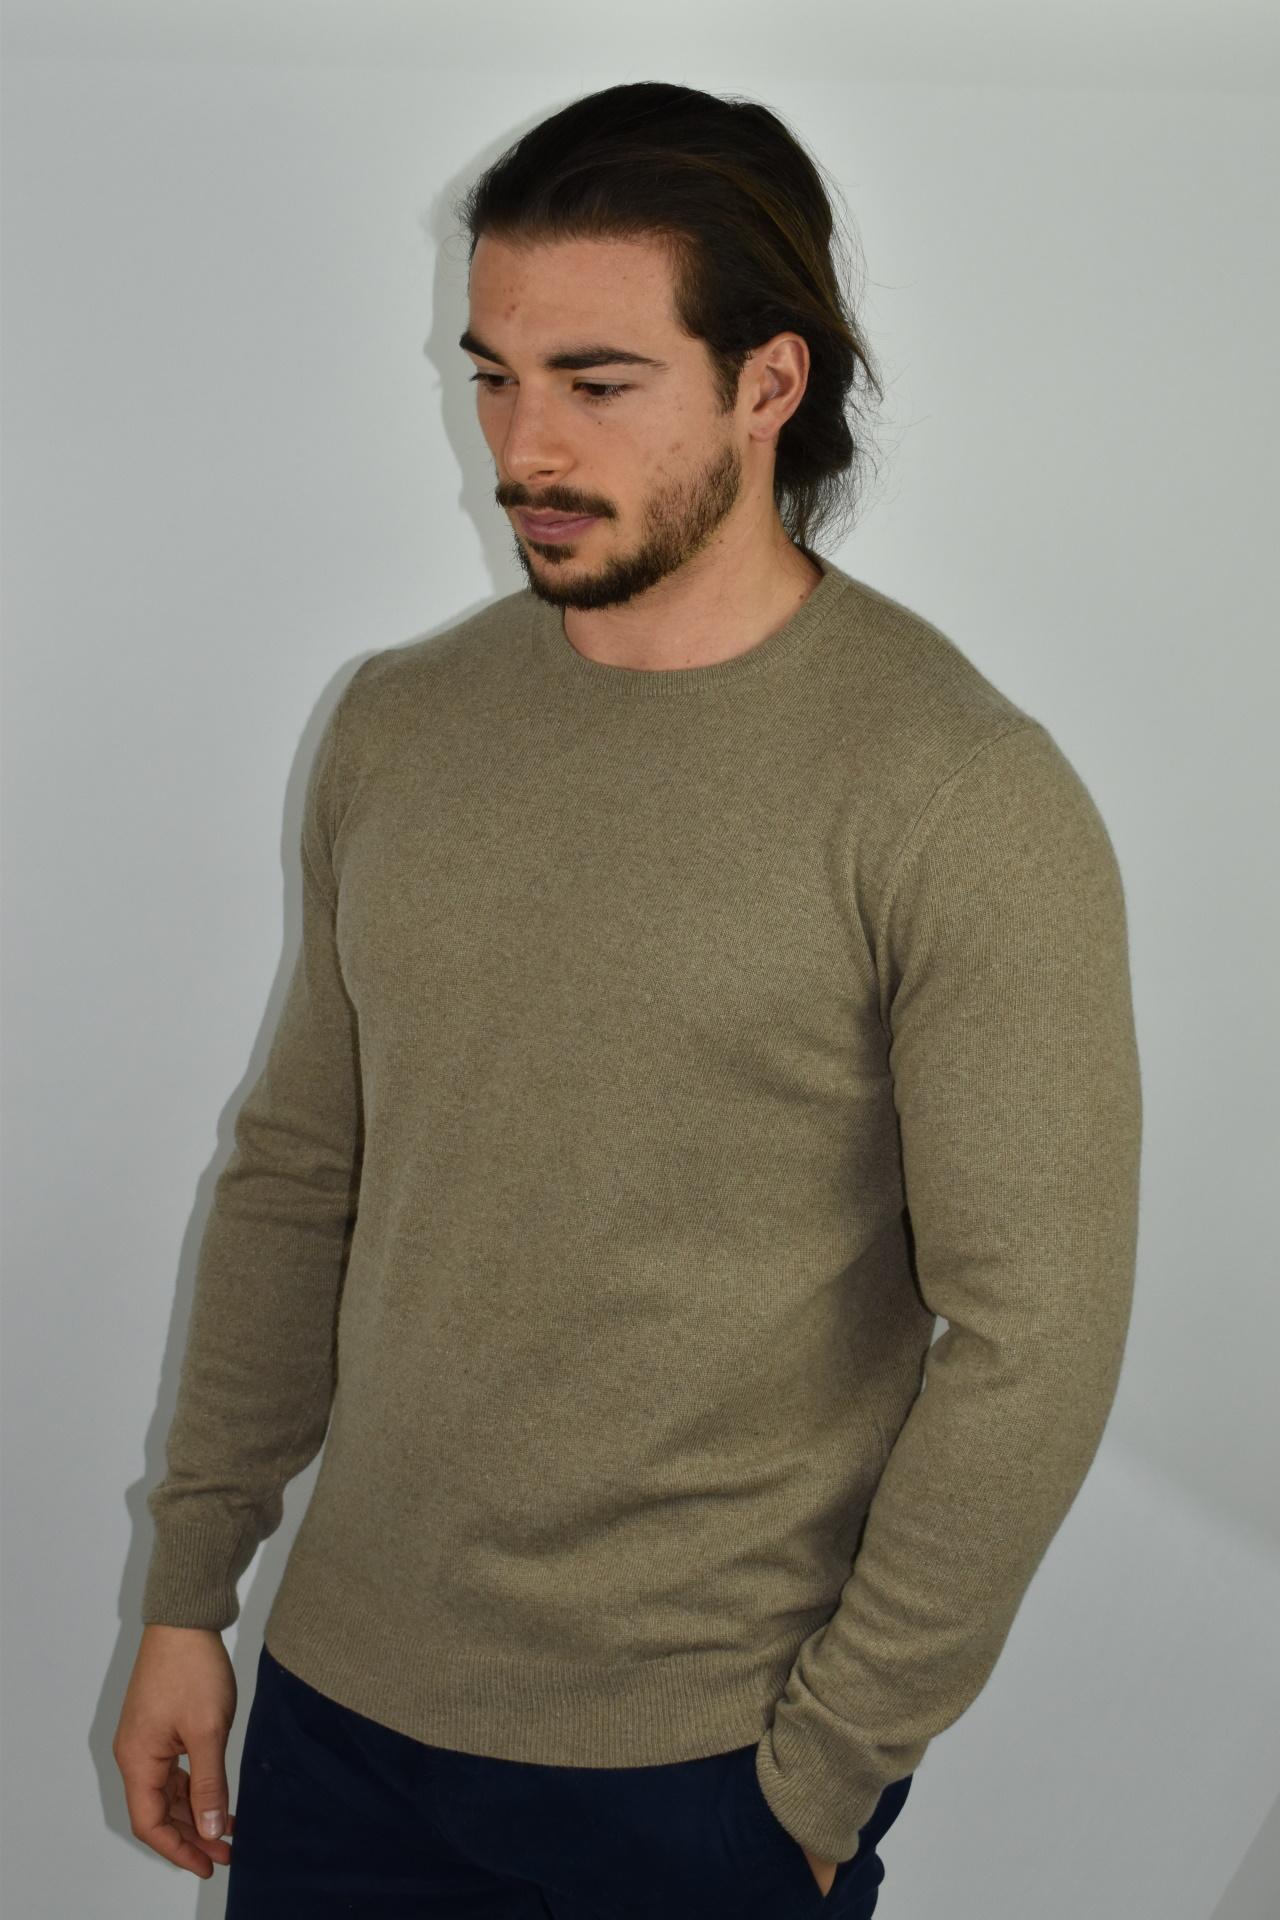 LAZZAROEMA TORTORA MAGLIA UOMO GIROCOLLO CASHMERE LANA MANICA LUNGA 3 1stAmerican maglia girocollo in lana e cashmere da uomo manica lunga - regular fit